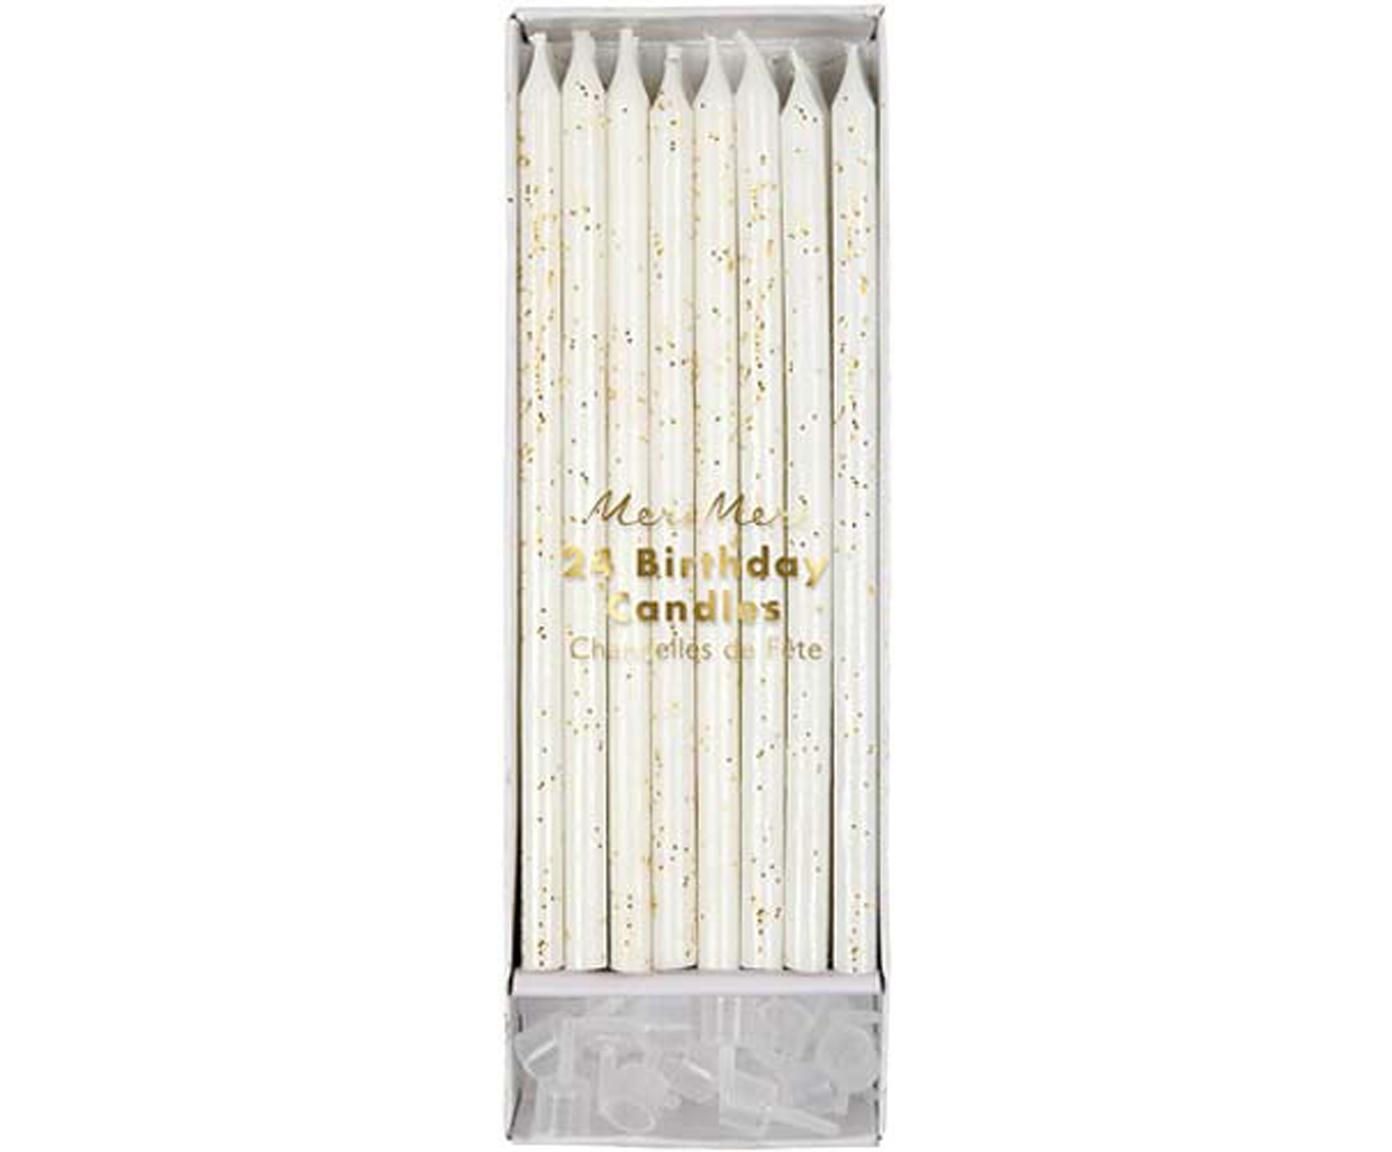 Komplet świeczek tortowych Fete, 48 elem., Parafina, tworzywo sztuczne, Biały, odcienie złotego, Ø 1 x W 15 cm